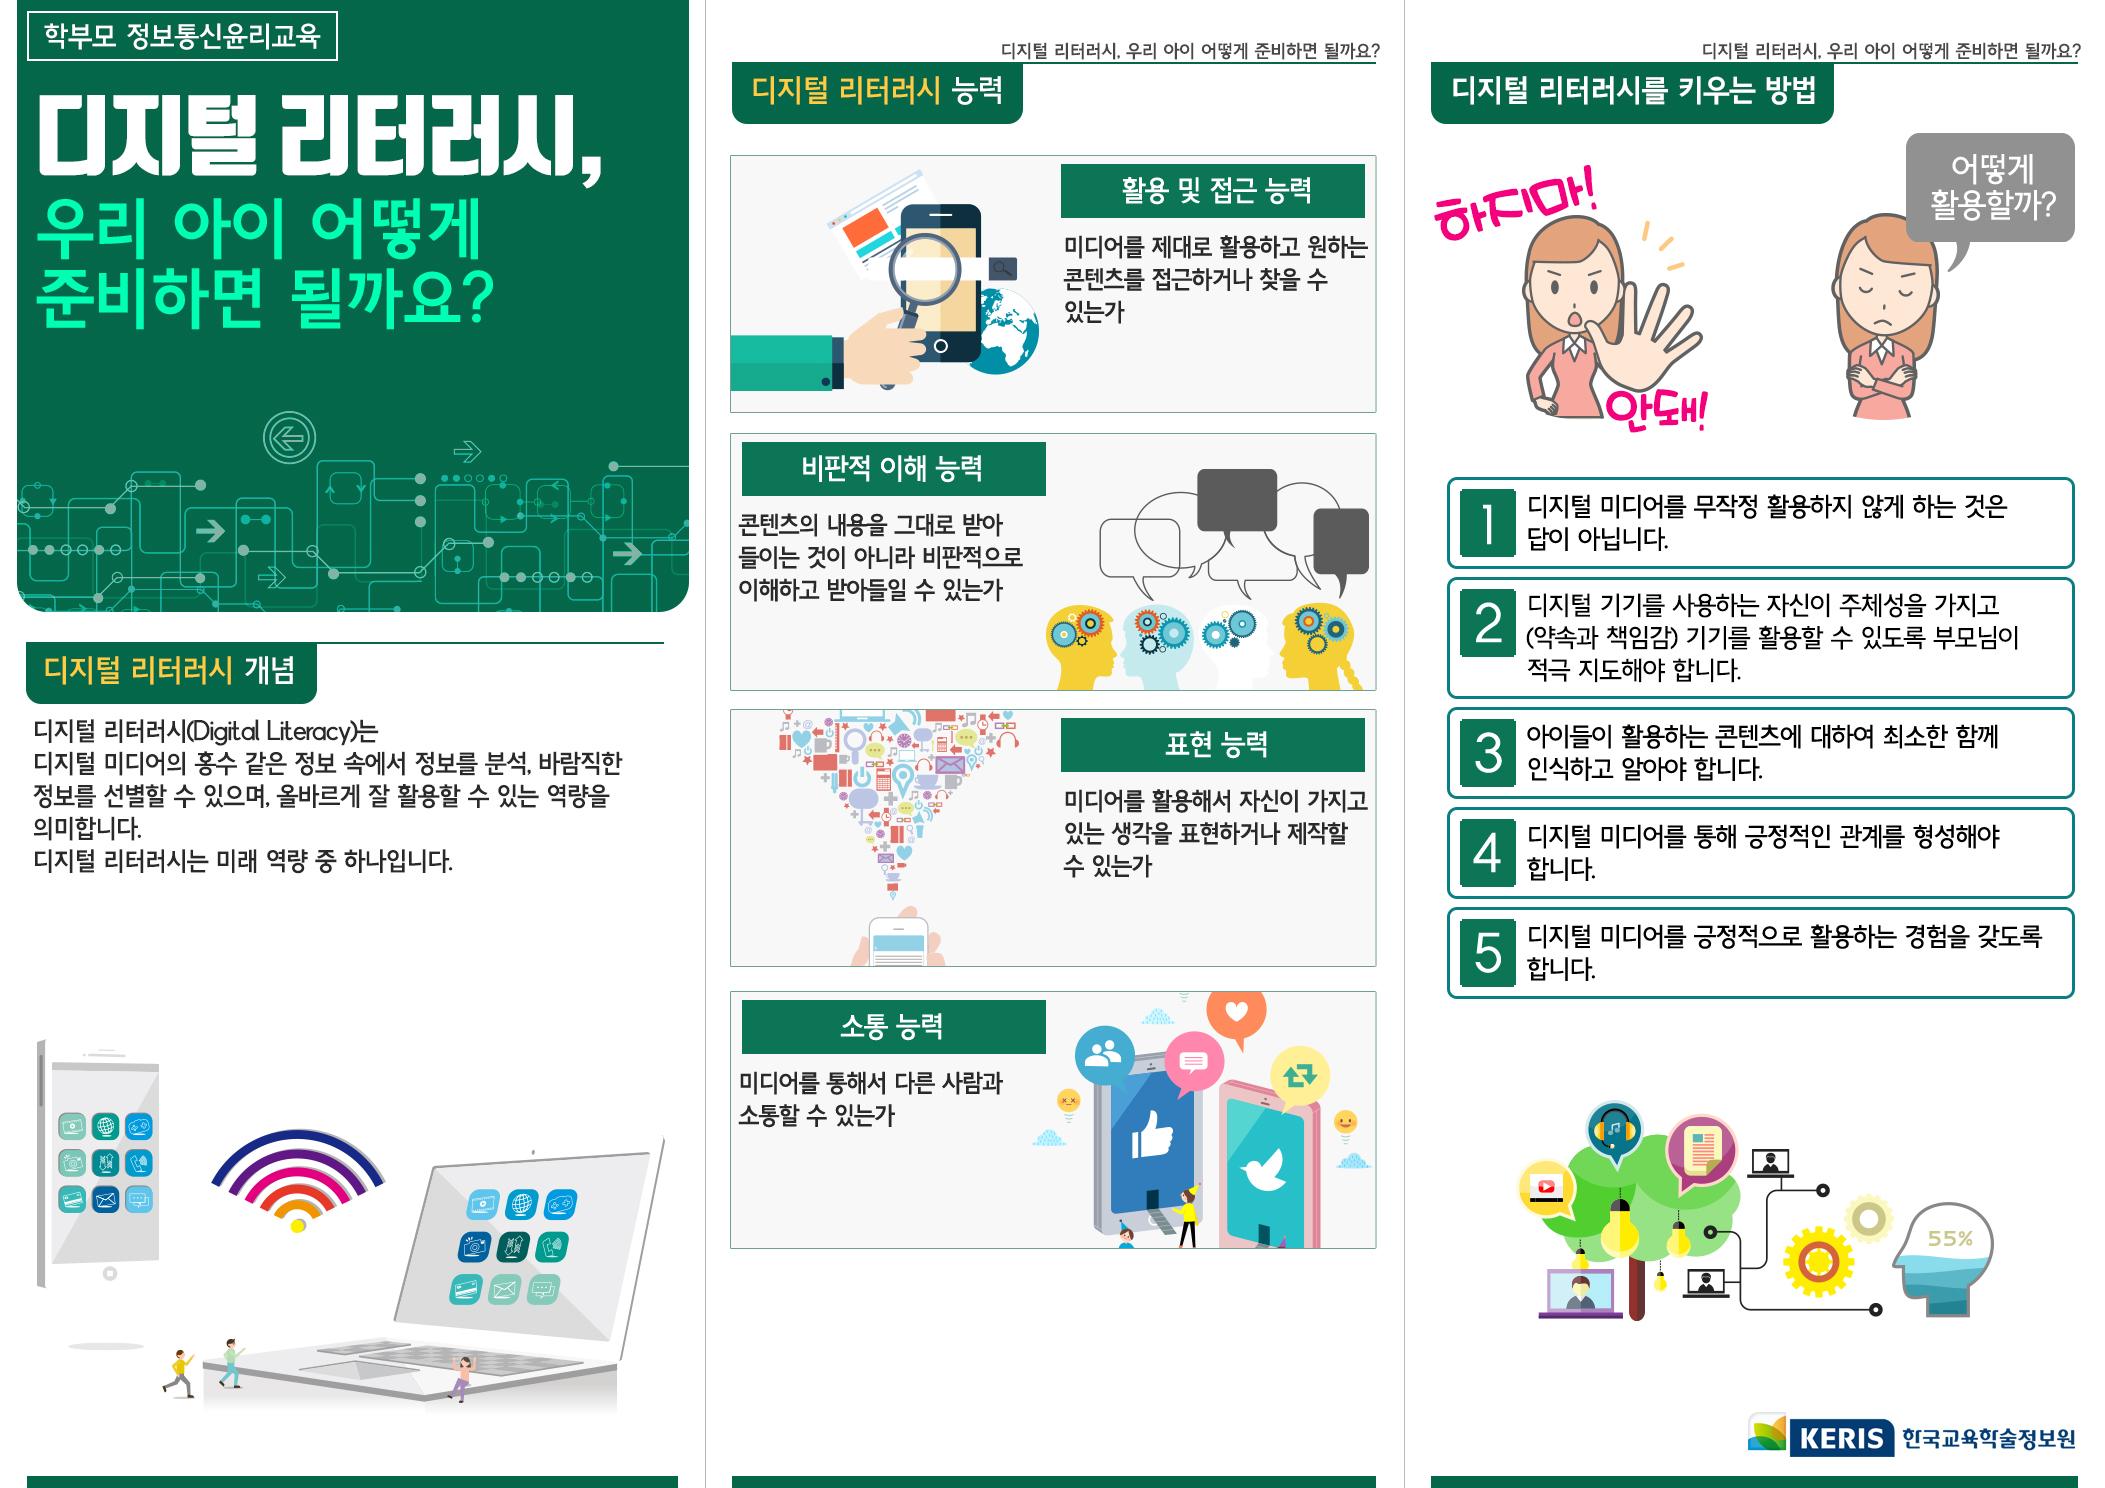 [일반] 디지털리터러시, 우리 아이 어떻게 준비하면 될까요?의 첨부이미지 2